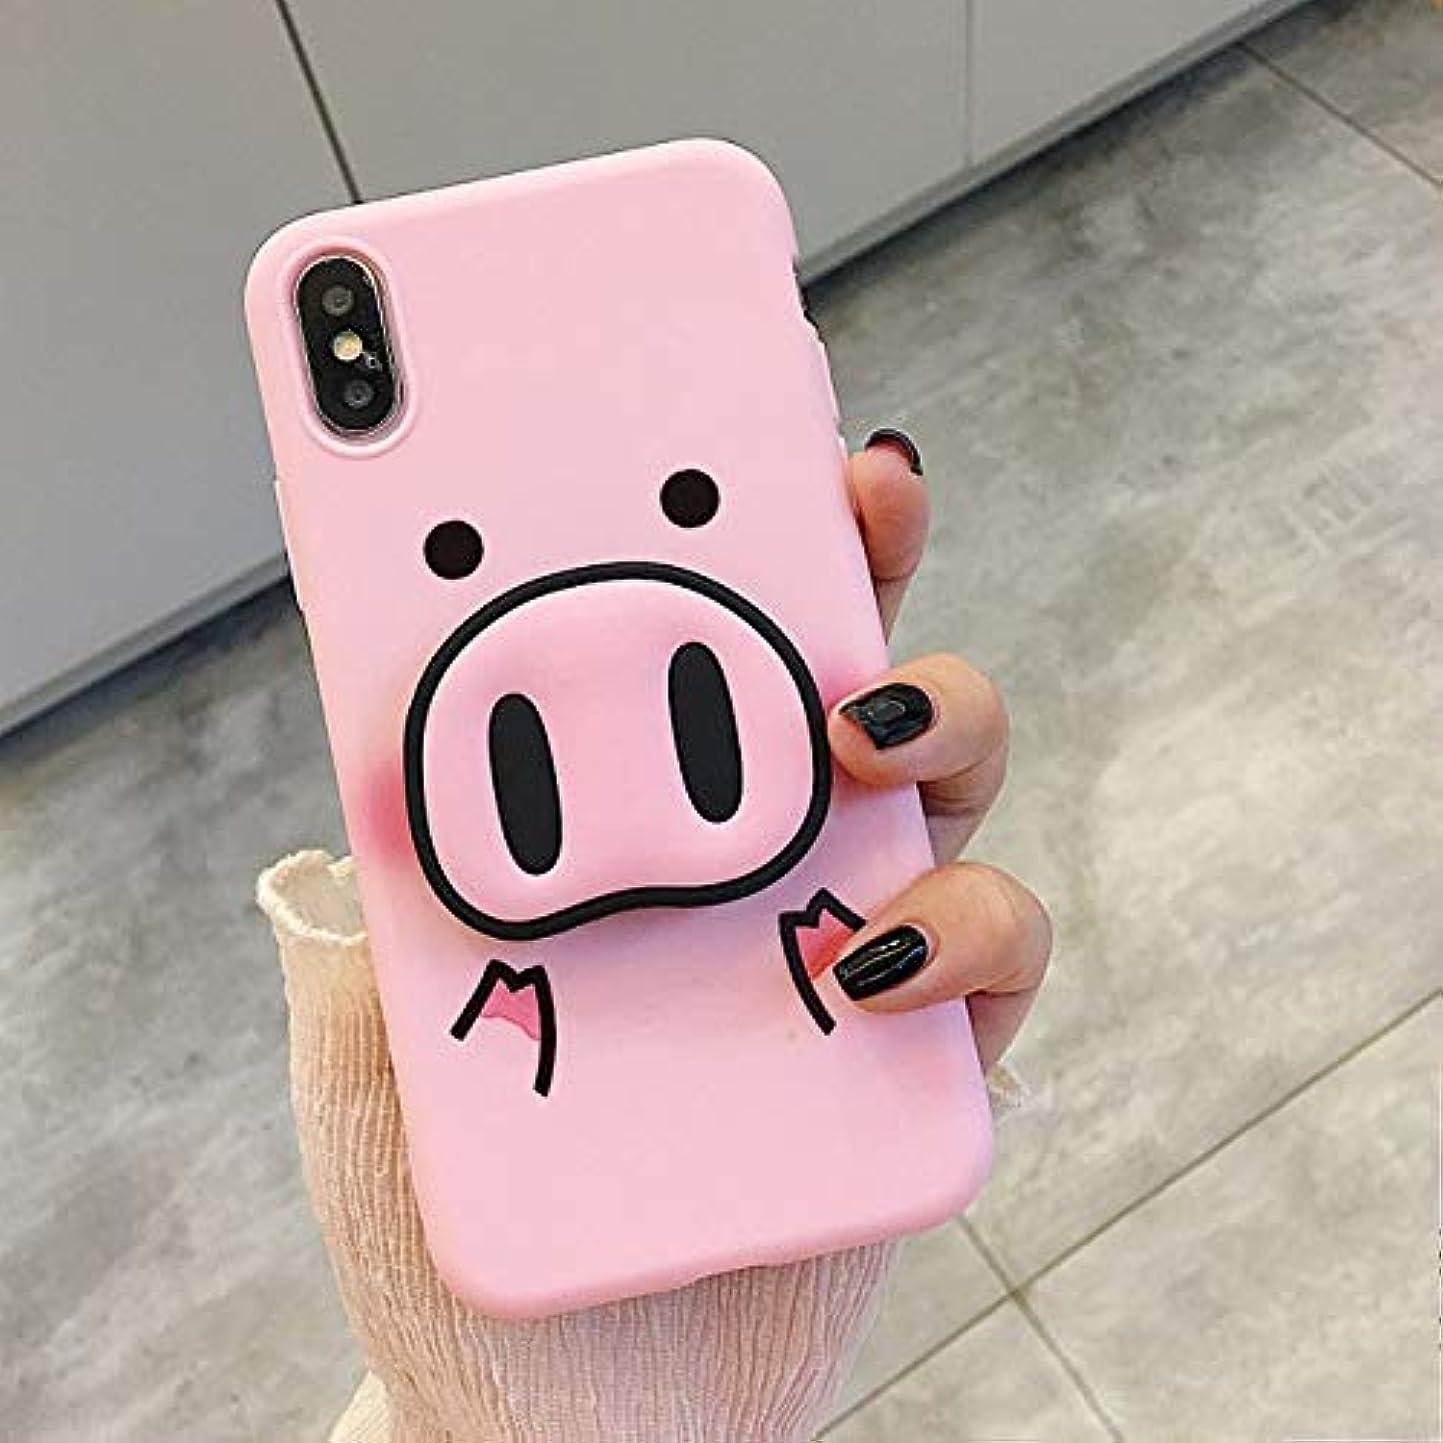 ワゴン不定くつろぐYMF かわいい漫画面白い豚鼻TPUソフト電話ケース